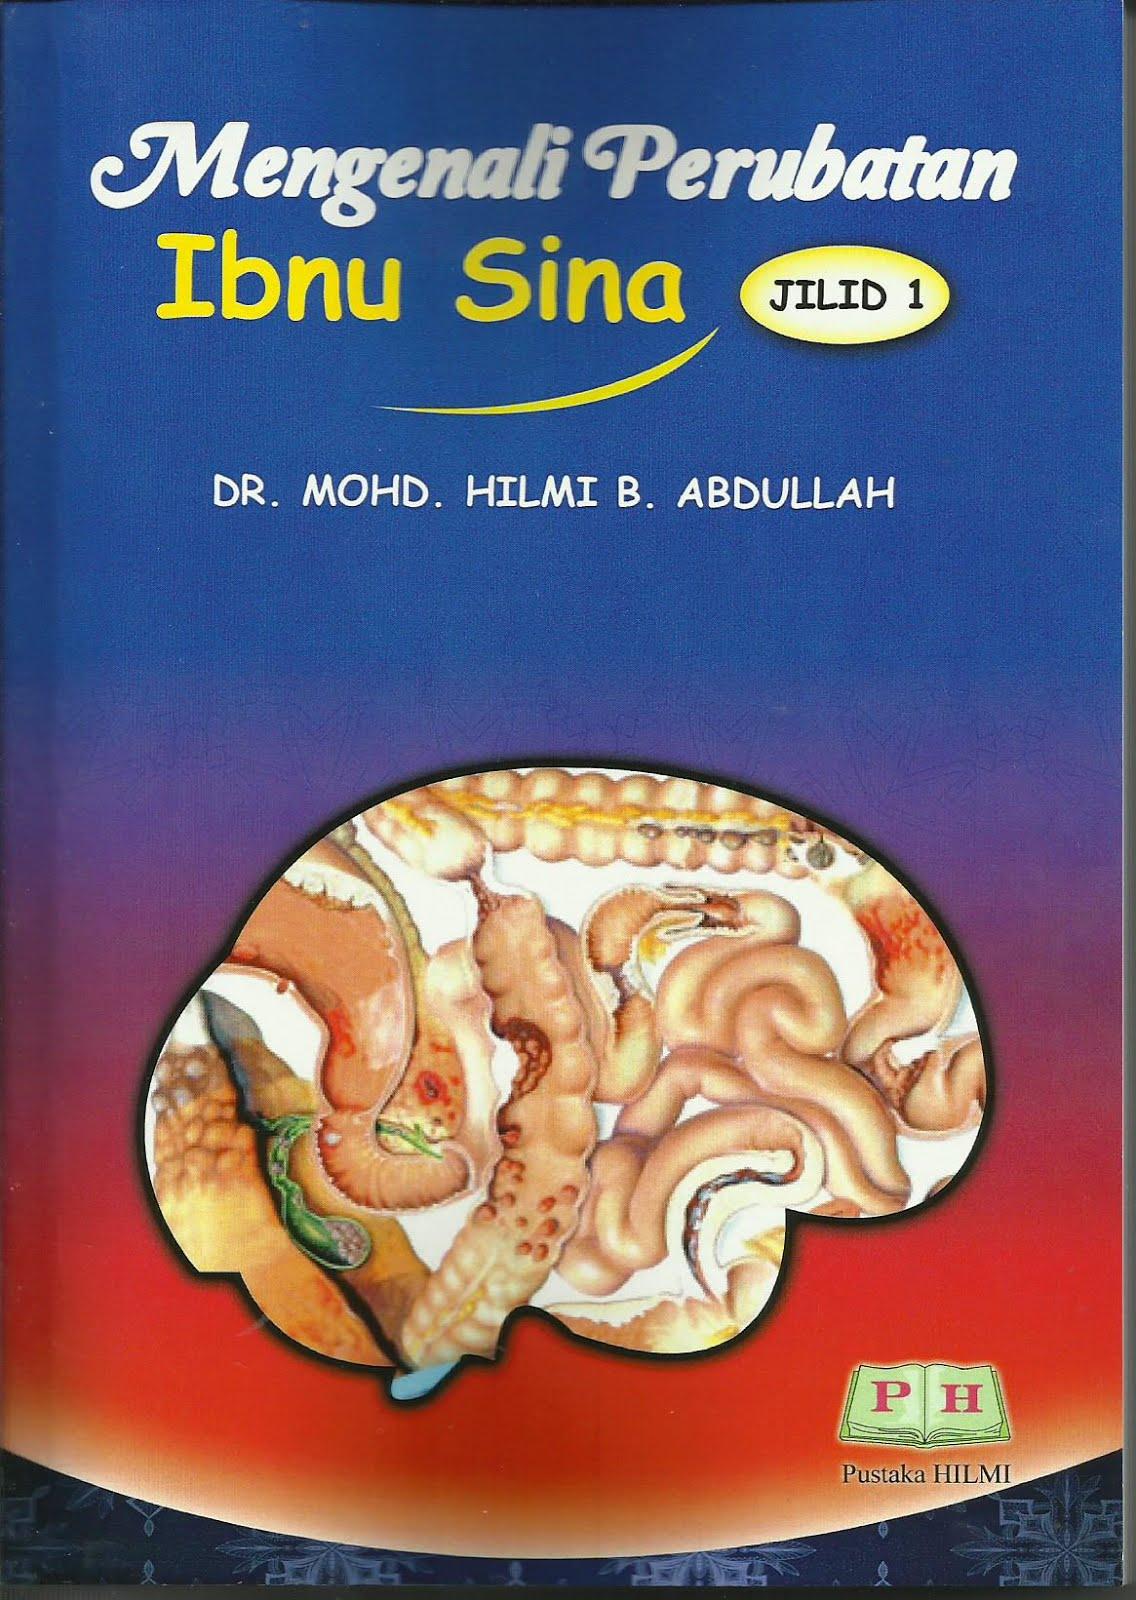 Mengenali Perubatan Ibnu Sina Jilid 1